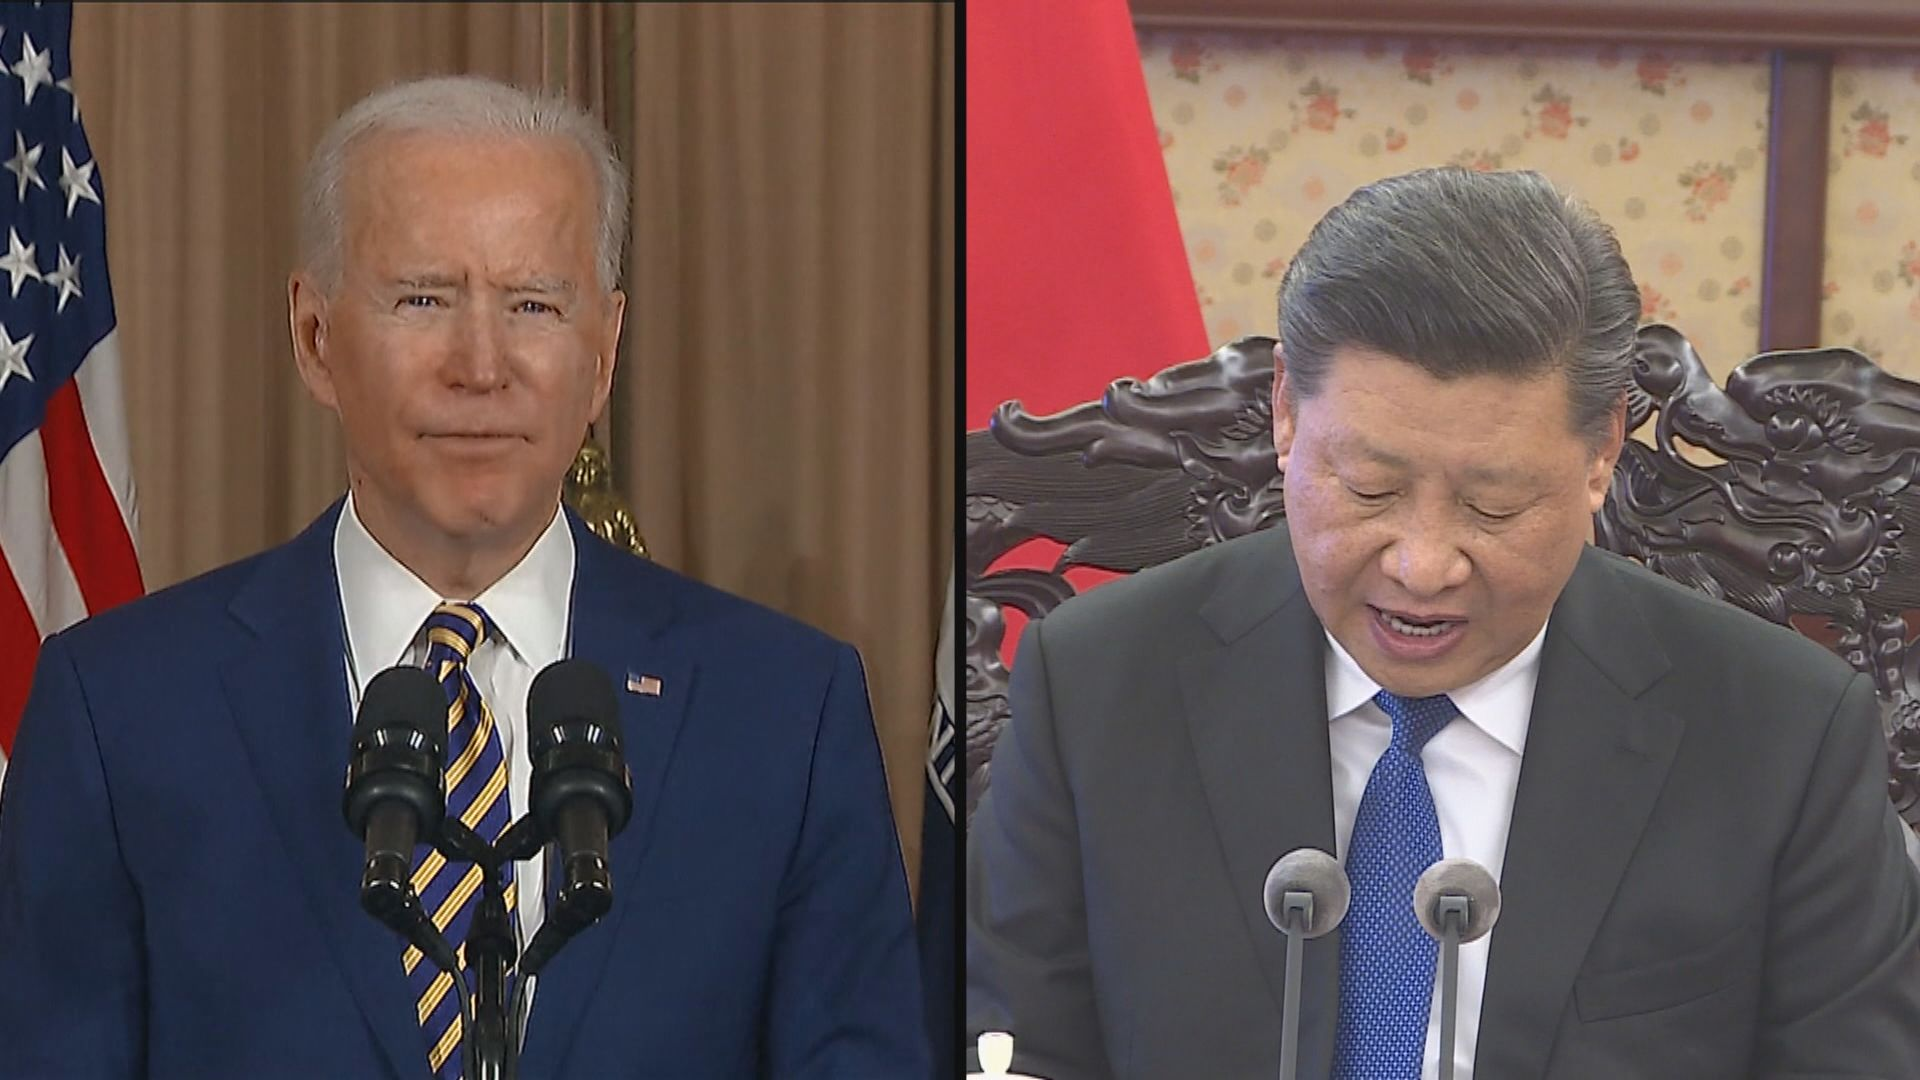 美跨黨派眾議員提決議案 譴責北京侵犯港人權利及自由